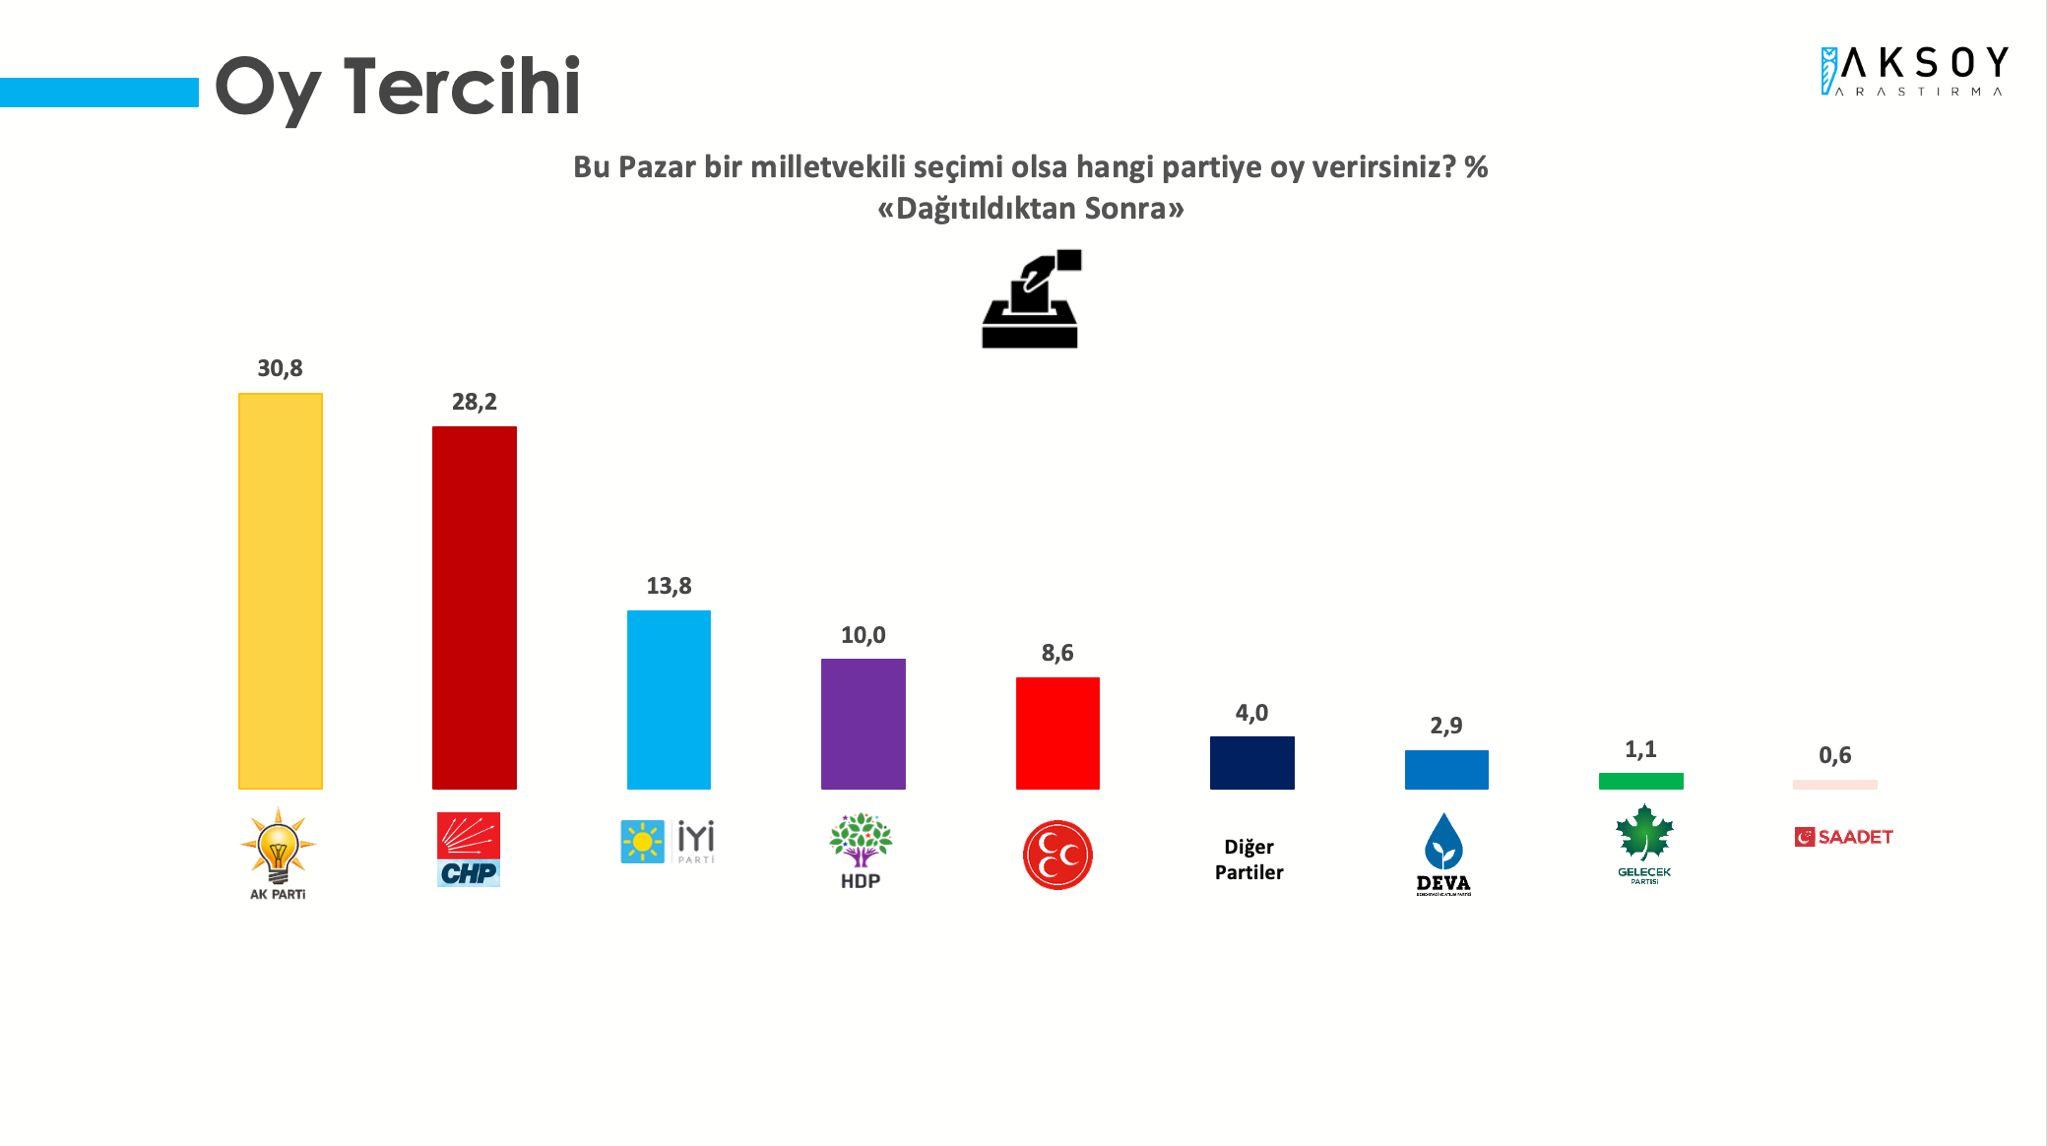 """<p>Seçmenlere <strong>""""Bu Pazar bir milletvekili seçimi olsa hangi partiye oy verirsiniz?""""</strong> soru soruldu. İlk sırada yüzde 26,9 ile AKP yer alırken, onu yüzde 24,1 ile CHP takip etti.</p><p><strong>MHP'YE ŞOK</strong></p><p>Yüzde 12,0 ile İYİ Parti MHP'nin önüne geçti. Oy oranı yüzde 7,3 olan MHP gerilerde yer aldı.&nbsp;</p>"""